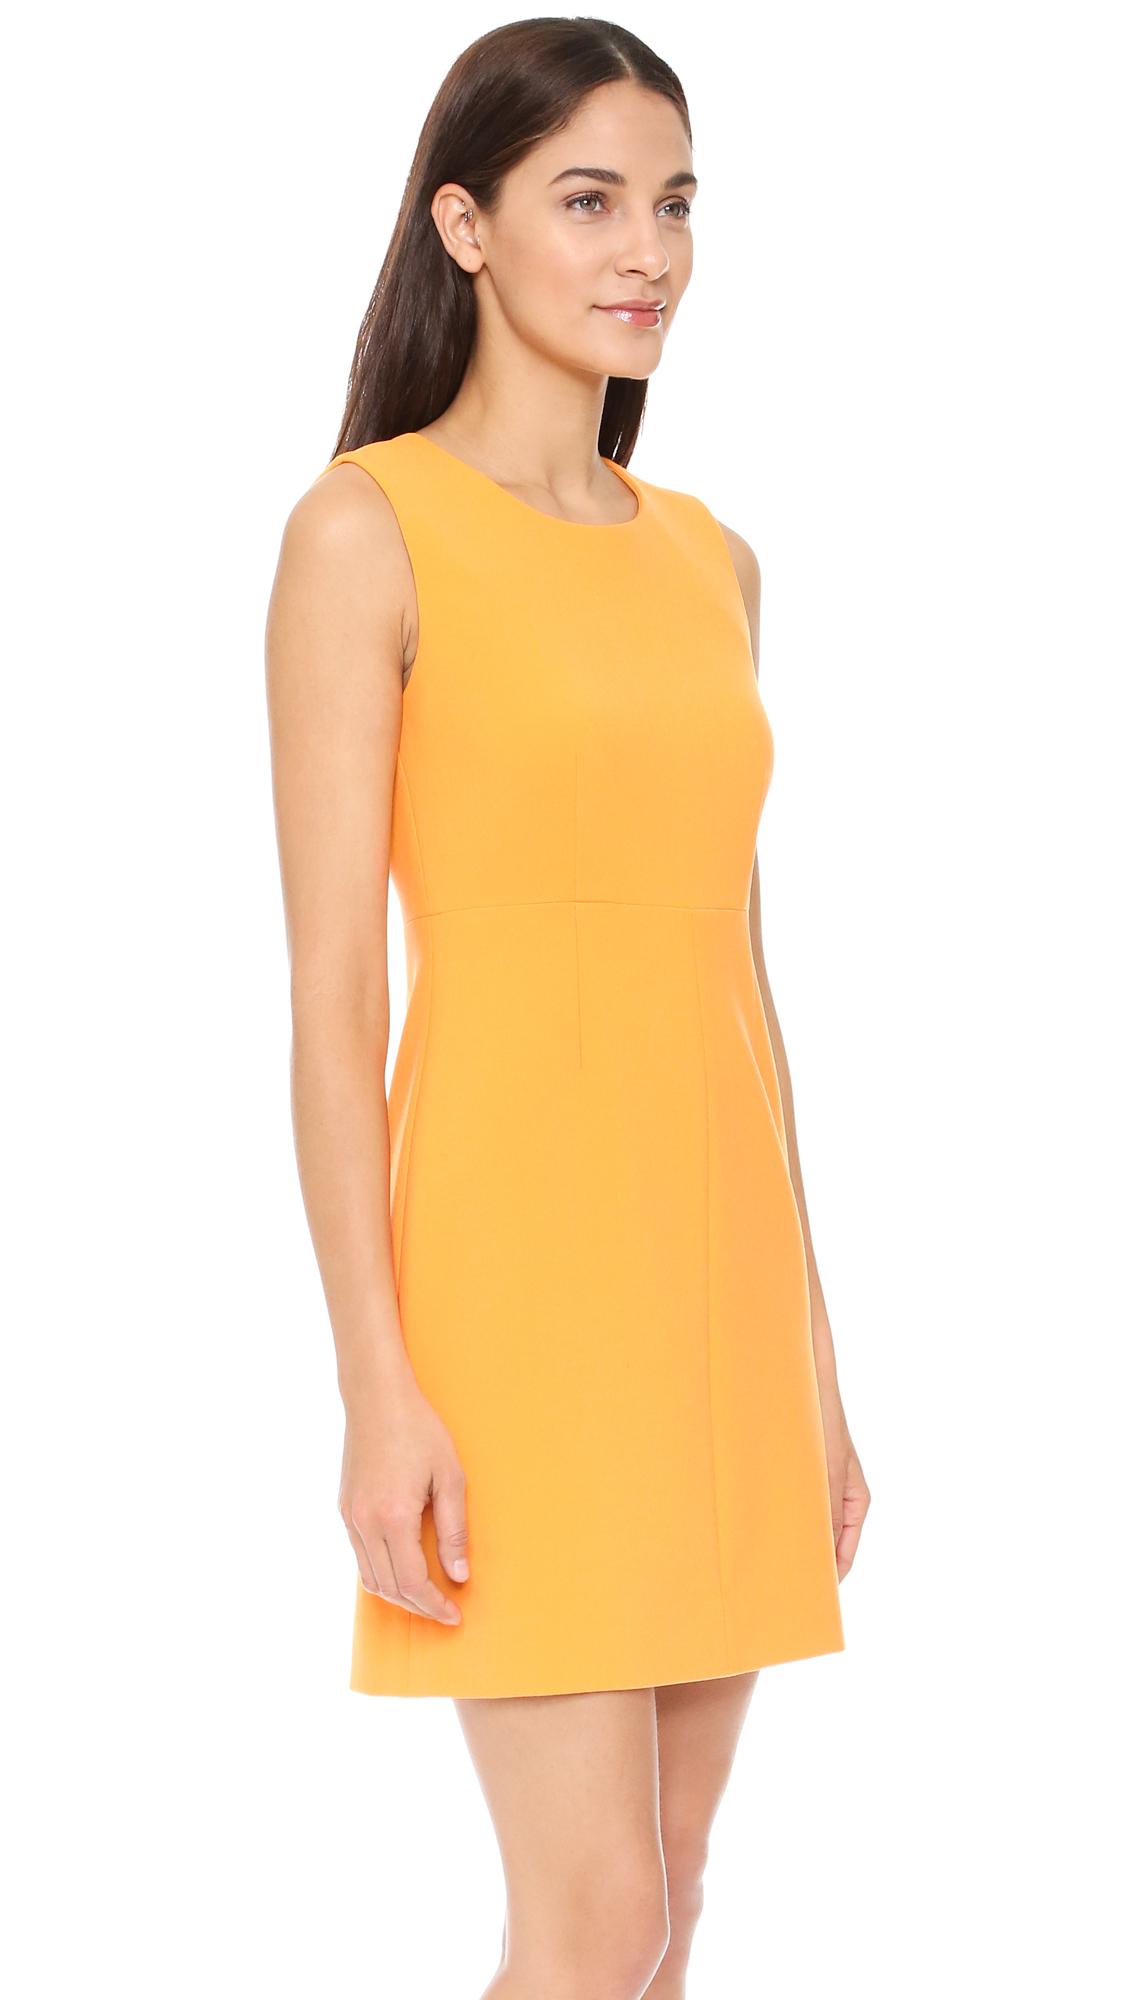 Diane Von Furstenberg Synthetic Carrie Dress In Saffron